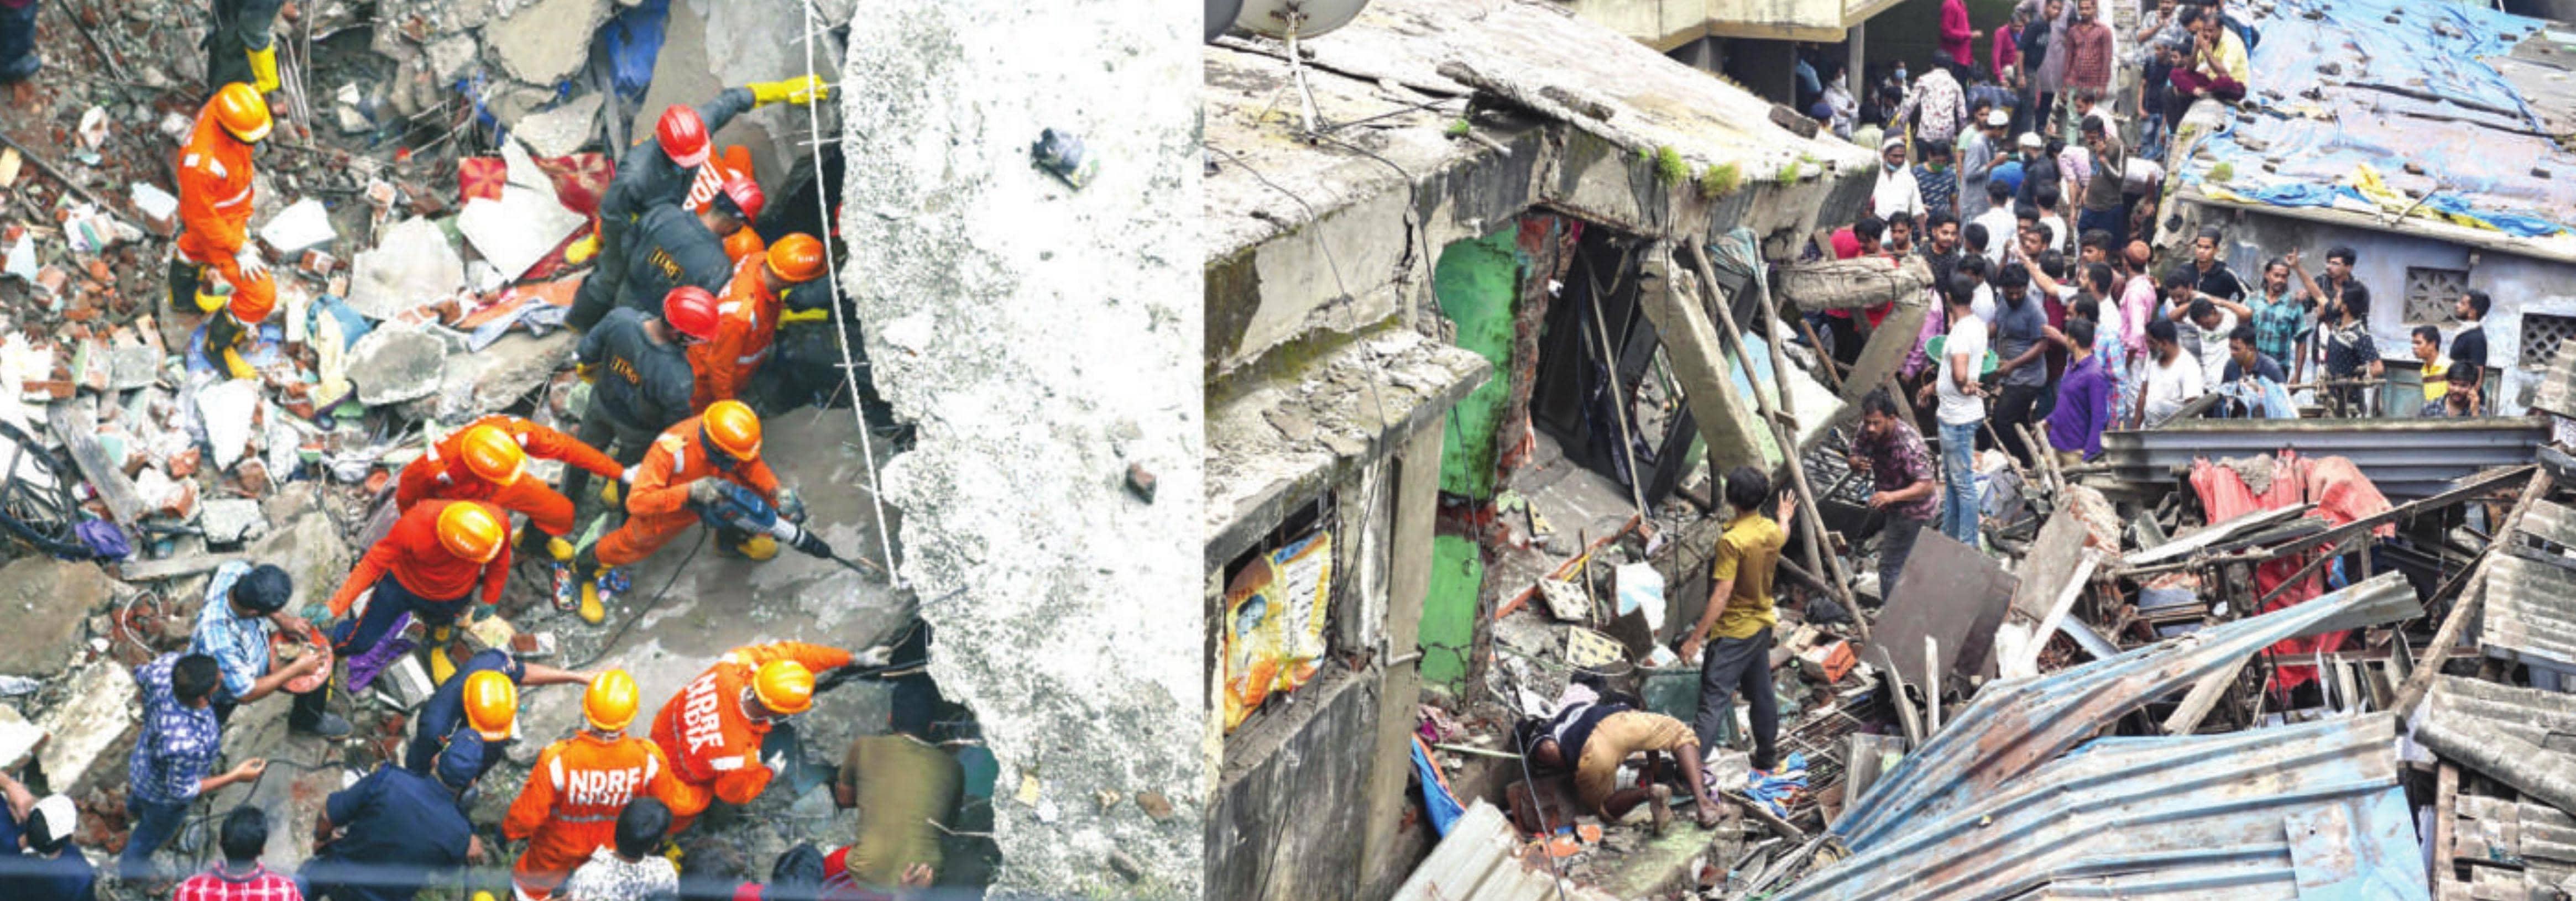 ठाणे के भिवंडी में तीन मंजिला इमारत गिरने से 13 की मौत, एक बच्चे को बचाया गया; 20-25 लोगों के फंसे होने की आशंका